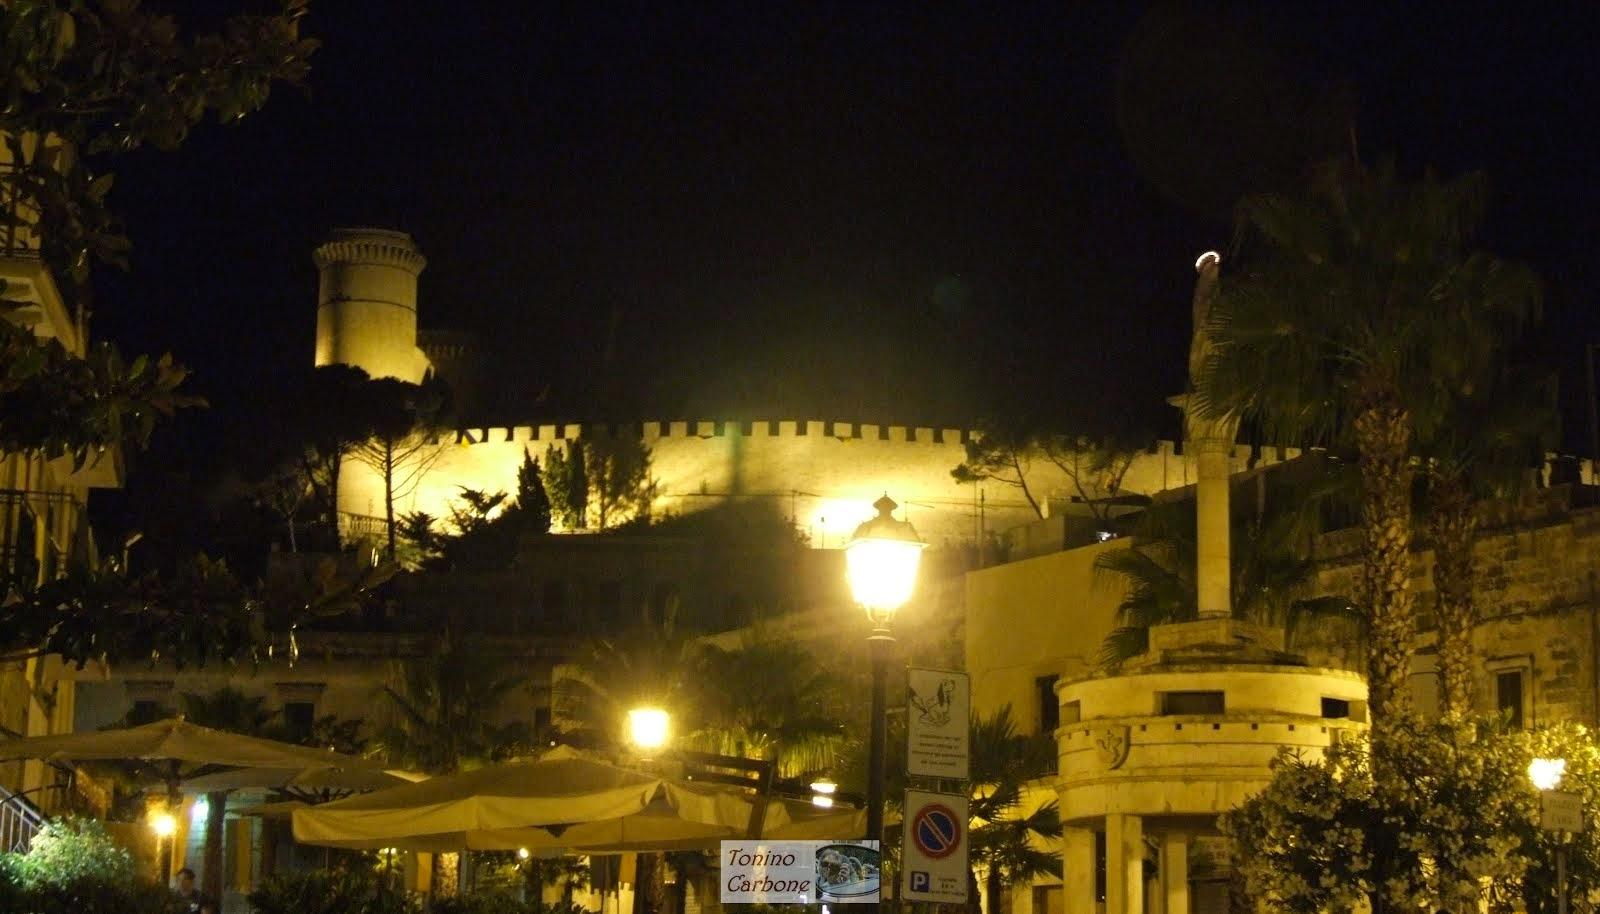 nuovi orari di apertura del Castello d'oria